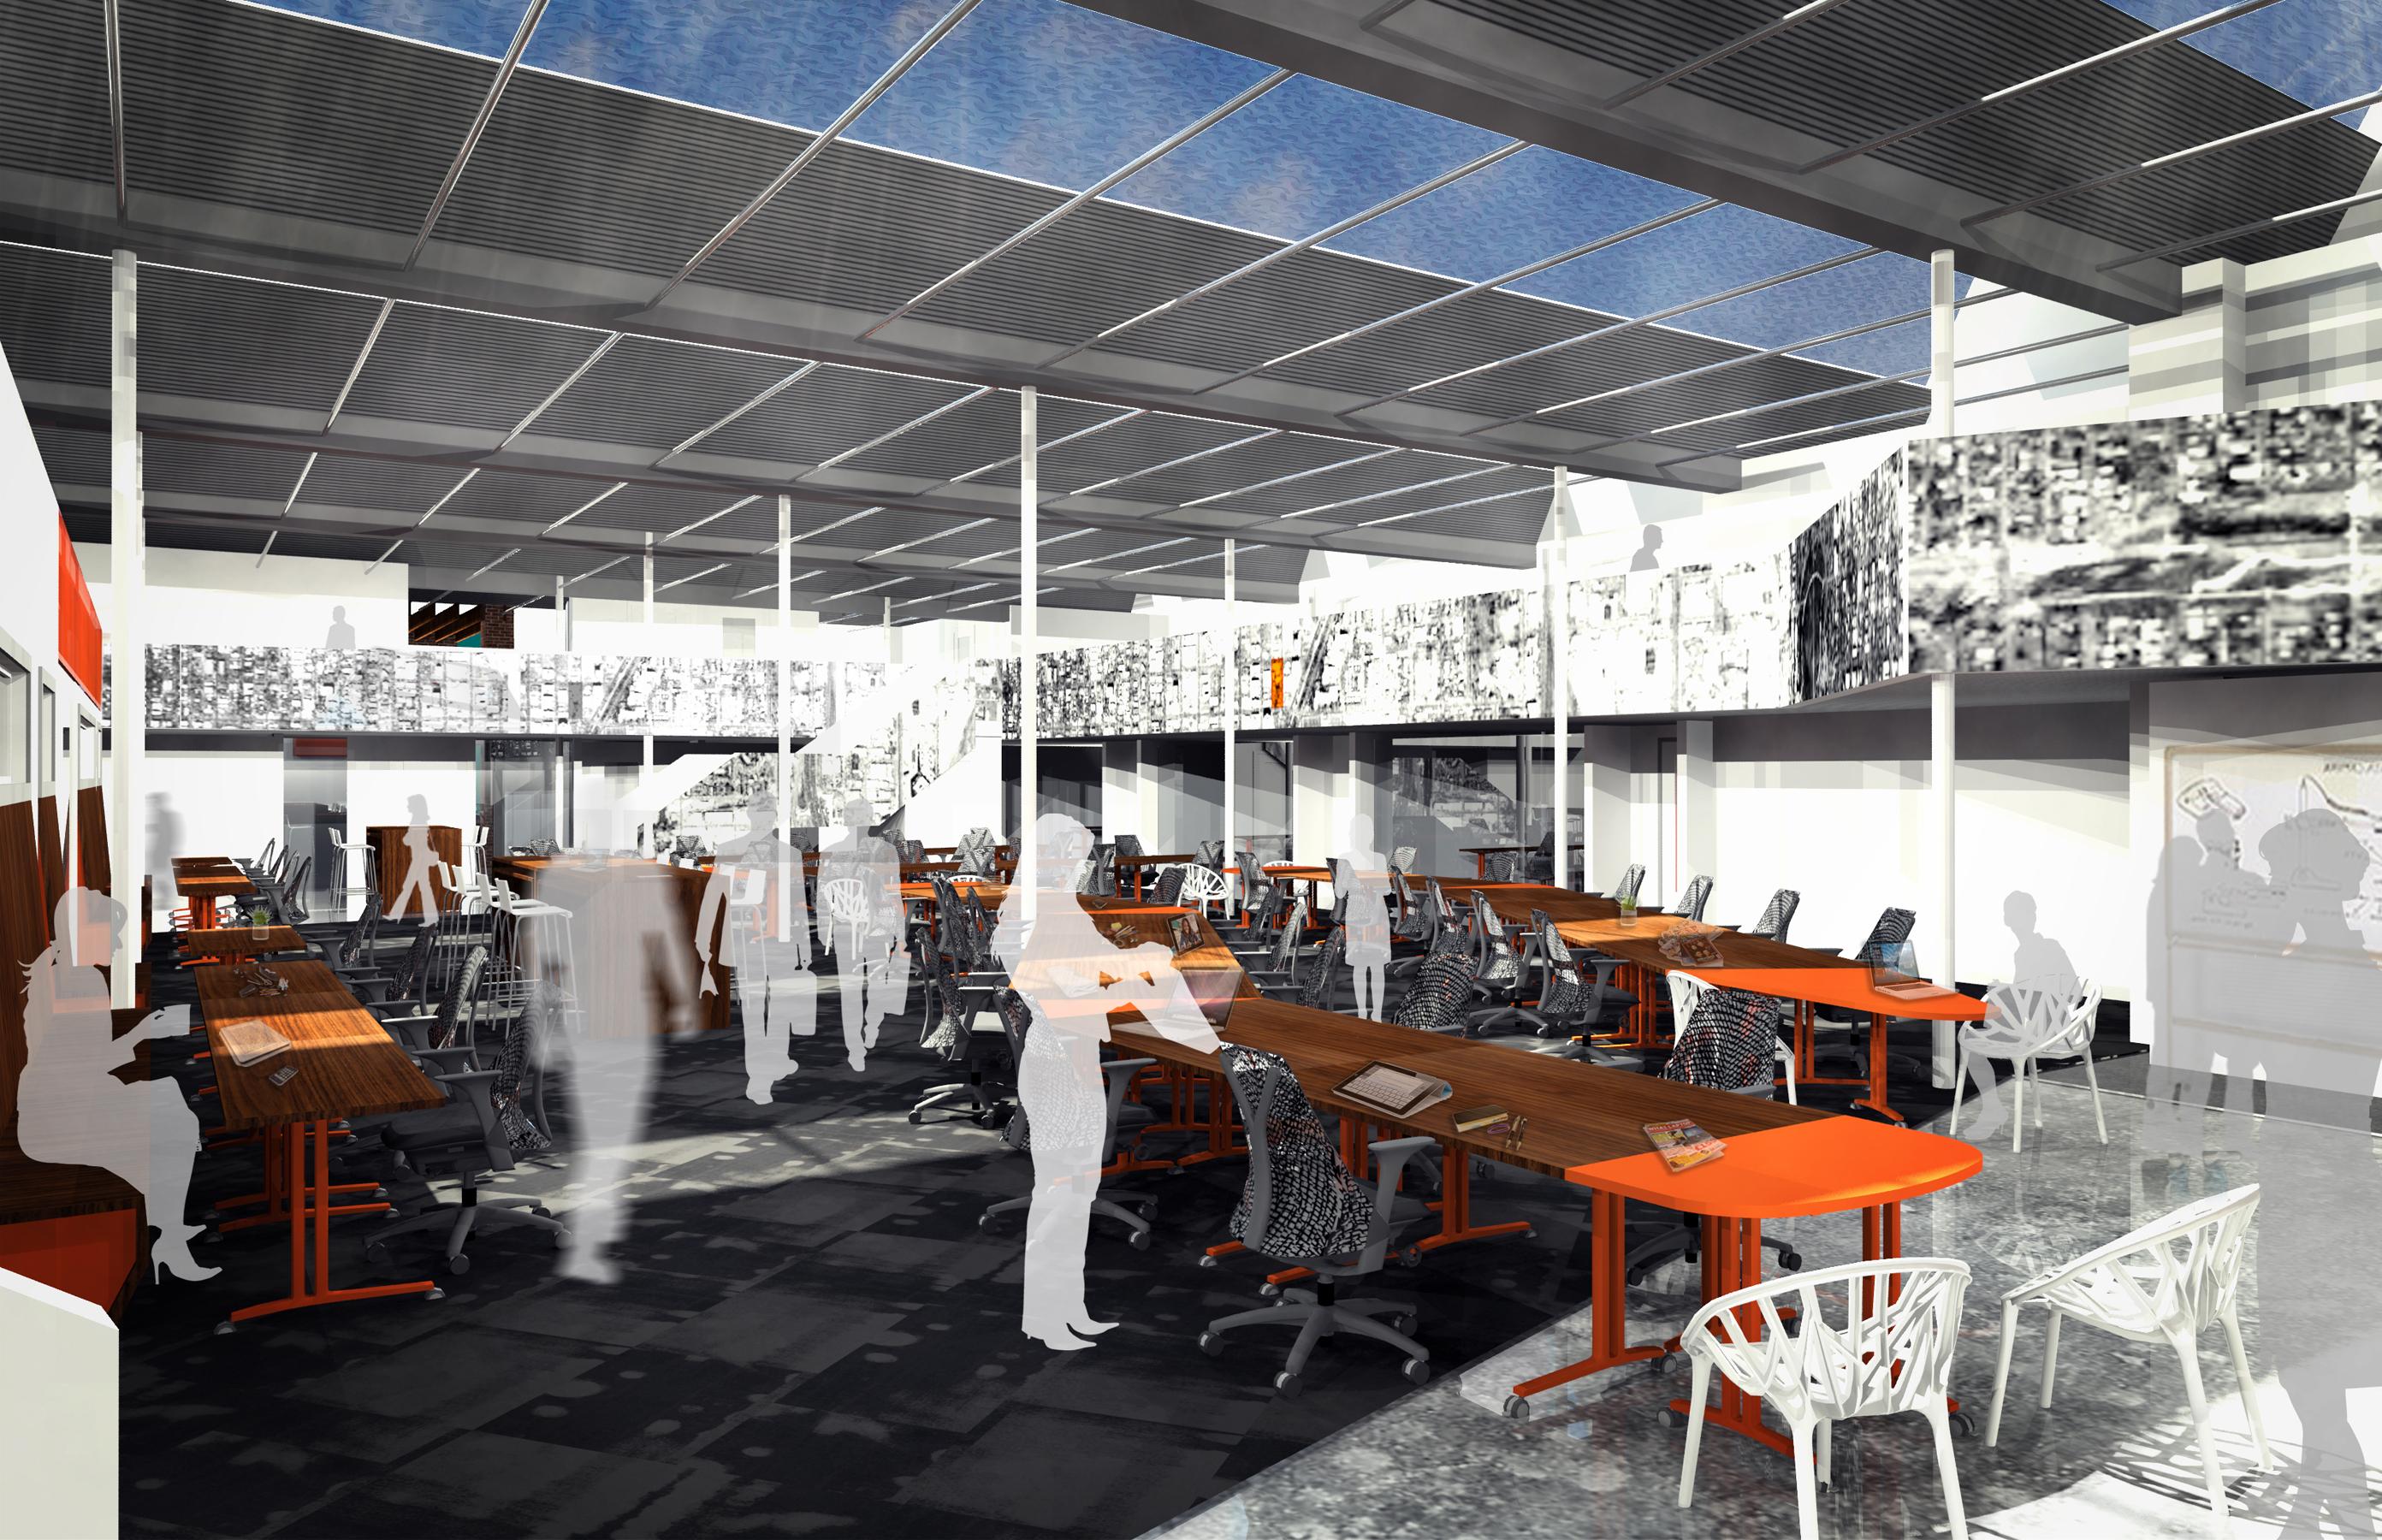 galvanize 1.0 cowork concept open studio architecture OSA